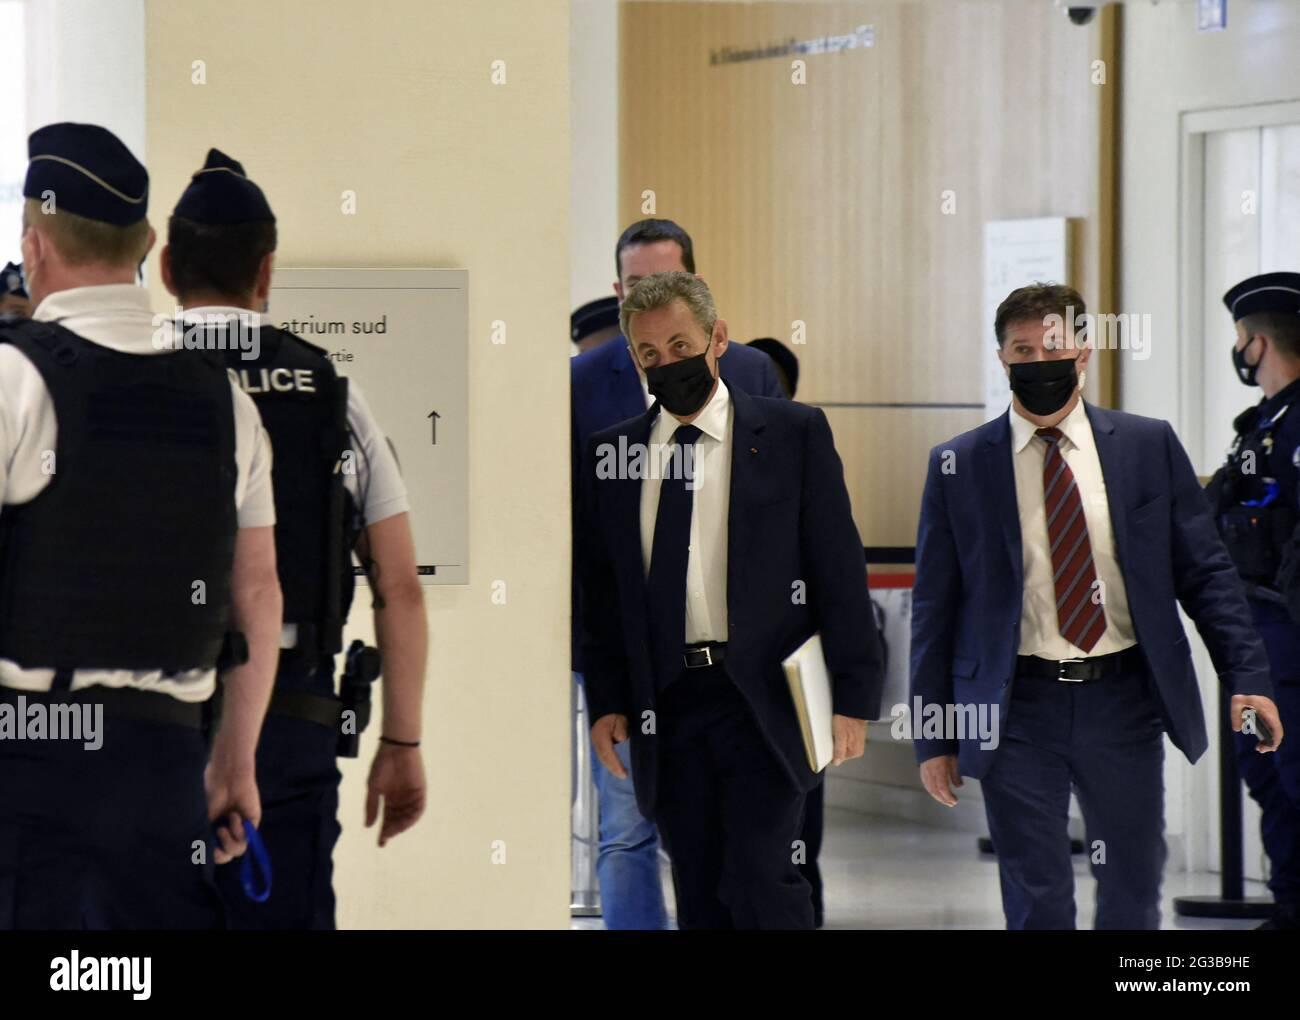 Parigi, Francia, il 15 giugno 2021. L'ex presidente Nicolas Sarkozy arriva per un'audizione del cosiddetto processo di Bygmalion, che lo vede accusato di finanziamenti illeciti per la sua fallita campagna di rielezione del 2012, a Parigi, in Francia, il 15 giugno 2021. Sarkozy e altri 13 sono accusati di istituire o beneficiare di un falso sistema di fatturazione per coprire milioni di euro in eccesso di spesa per i raduni delle campagne. Foto di Patrice Pierrot/Avenir Pictures/ABACAPRESS.COM Foto Stock